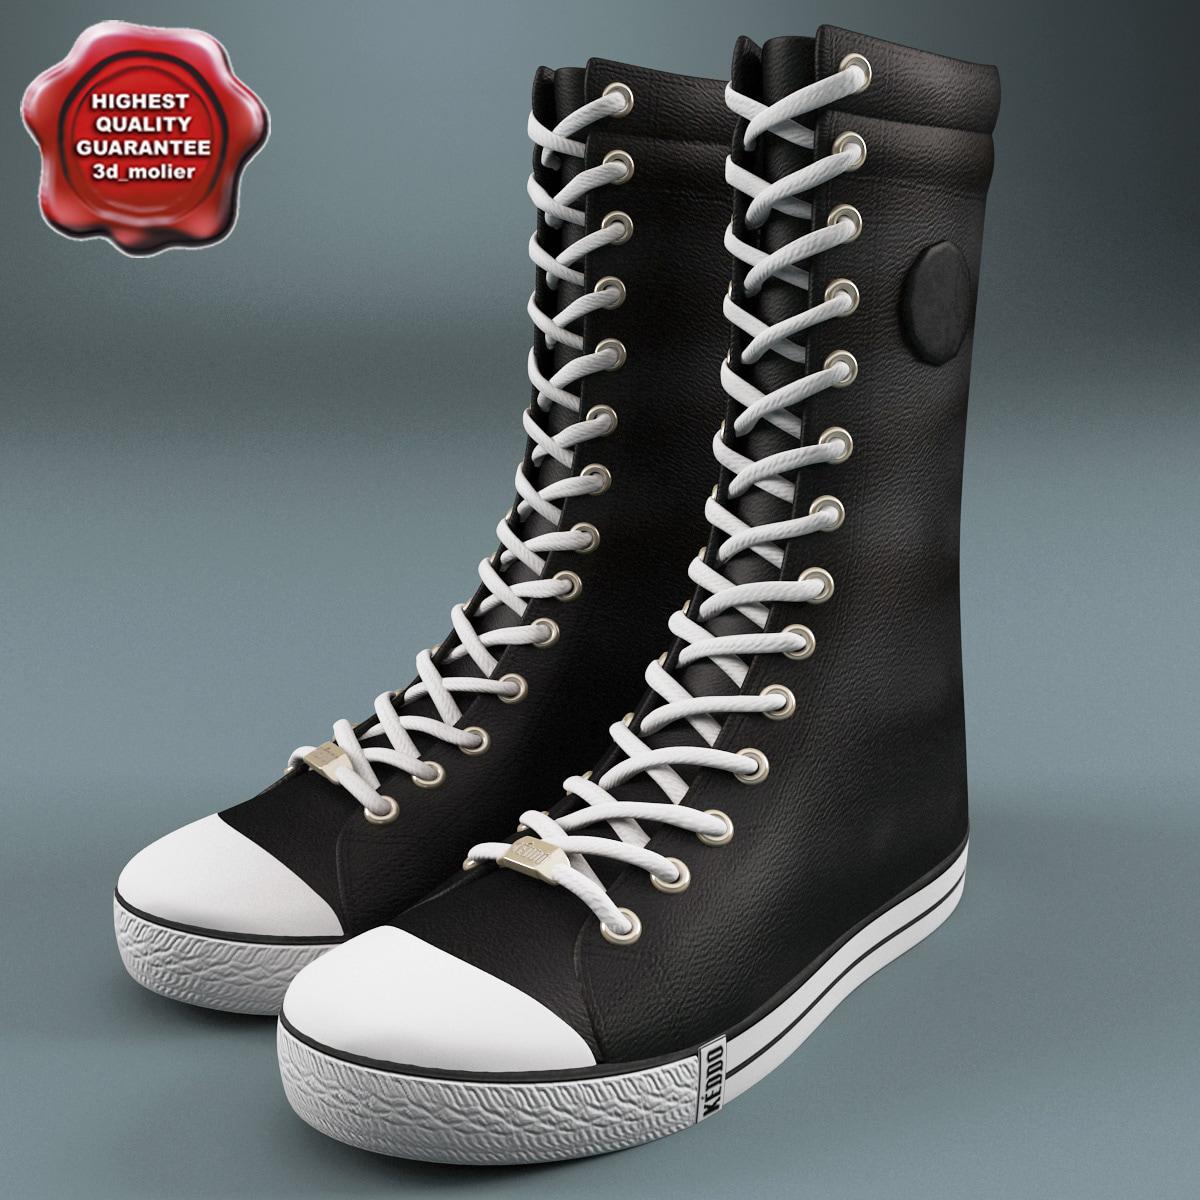 Sneaker_Boot_Keddo_V2_00.jpg